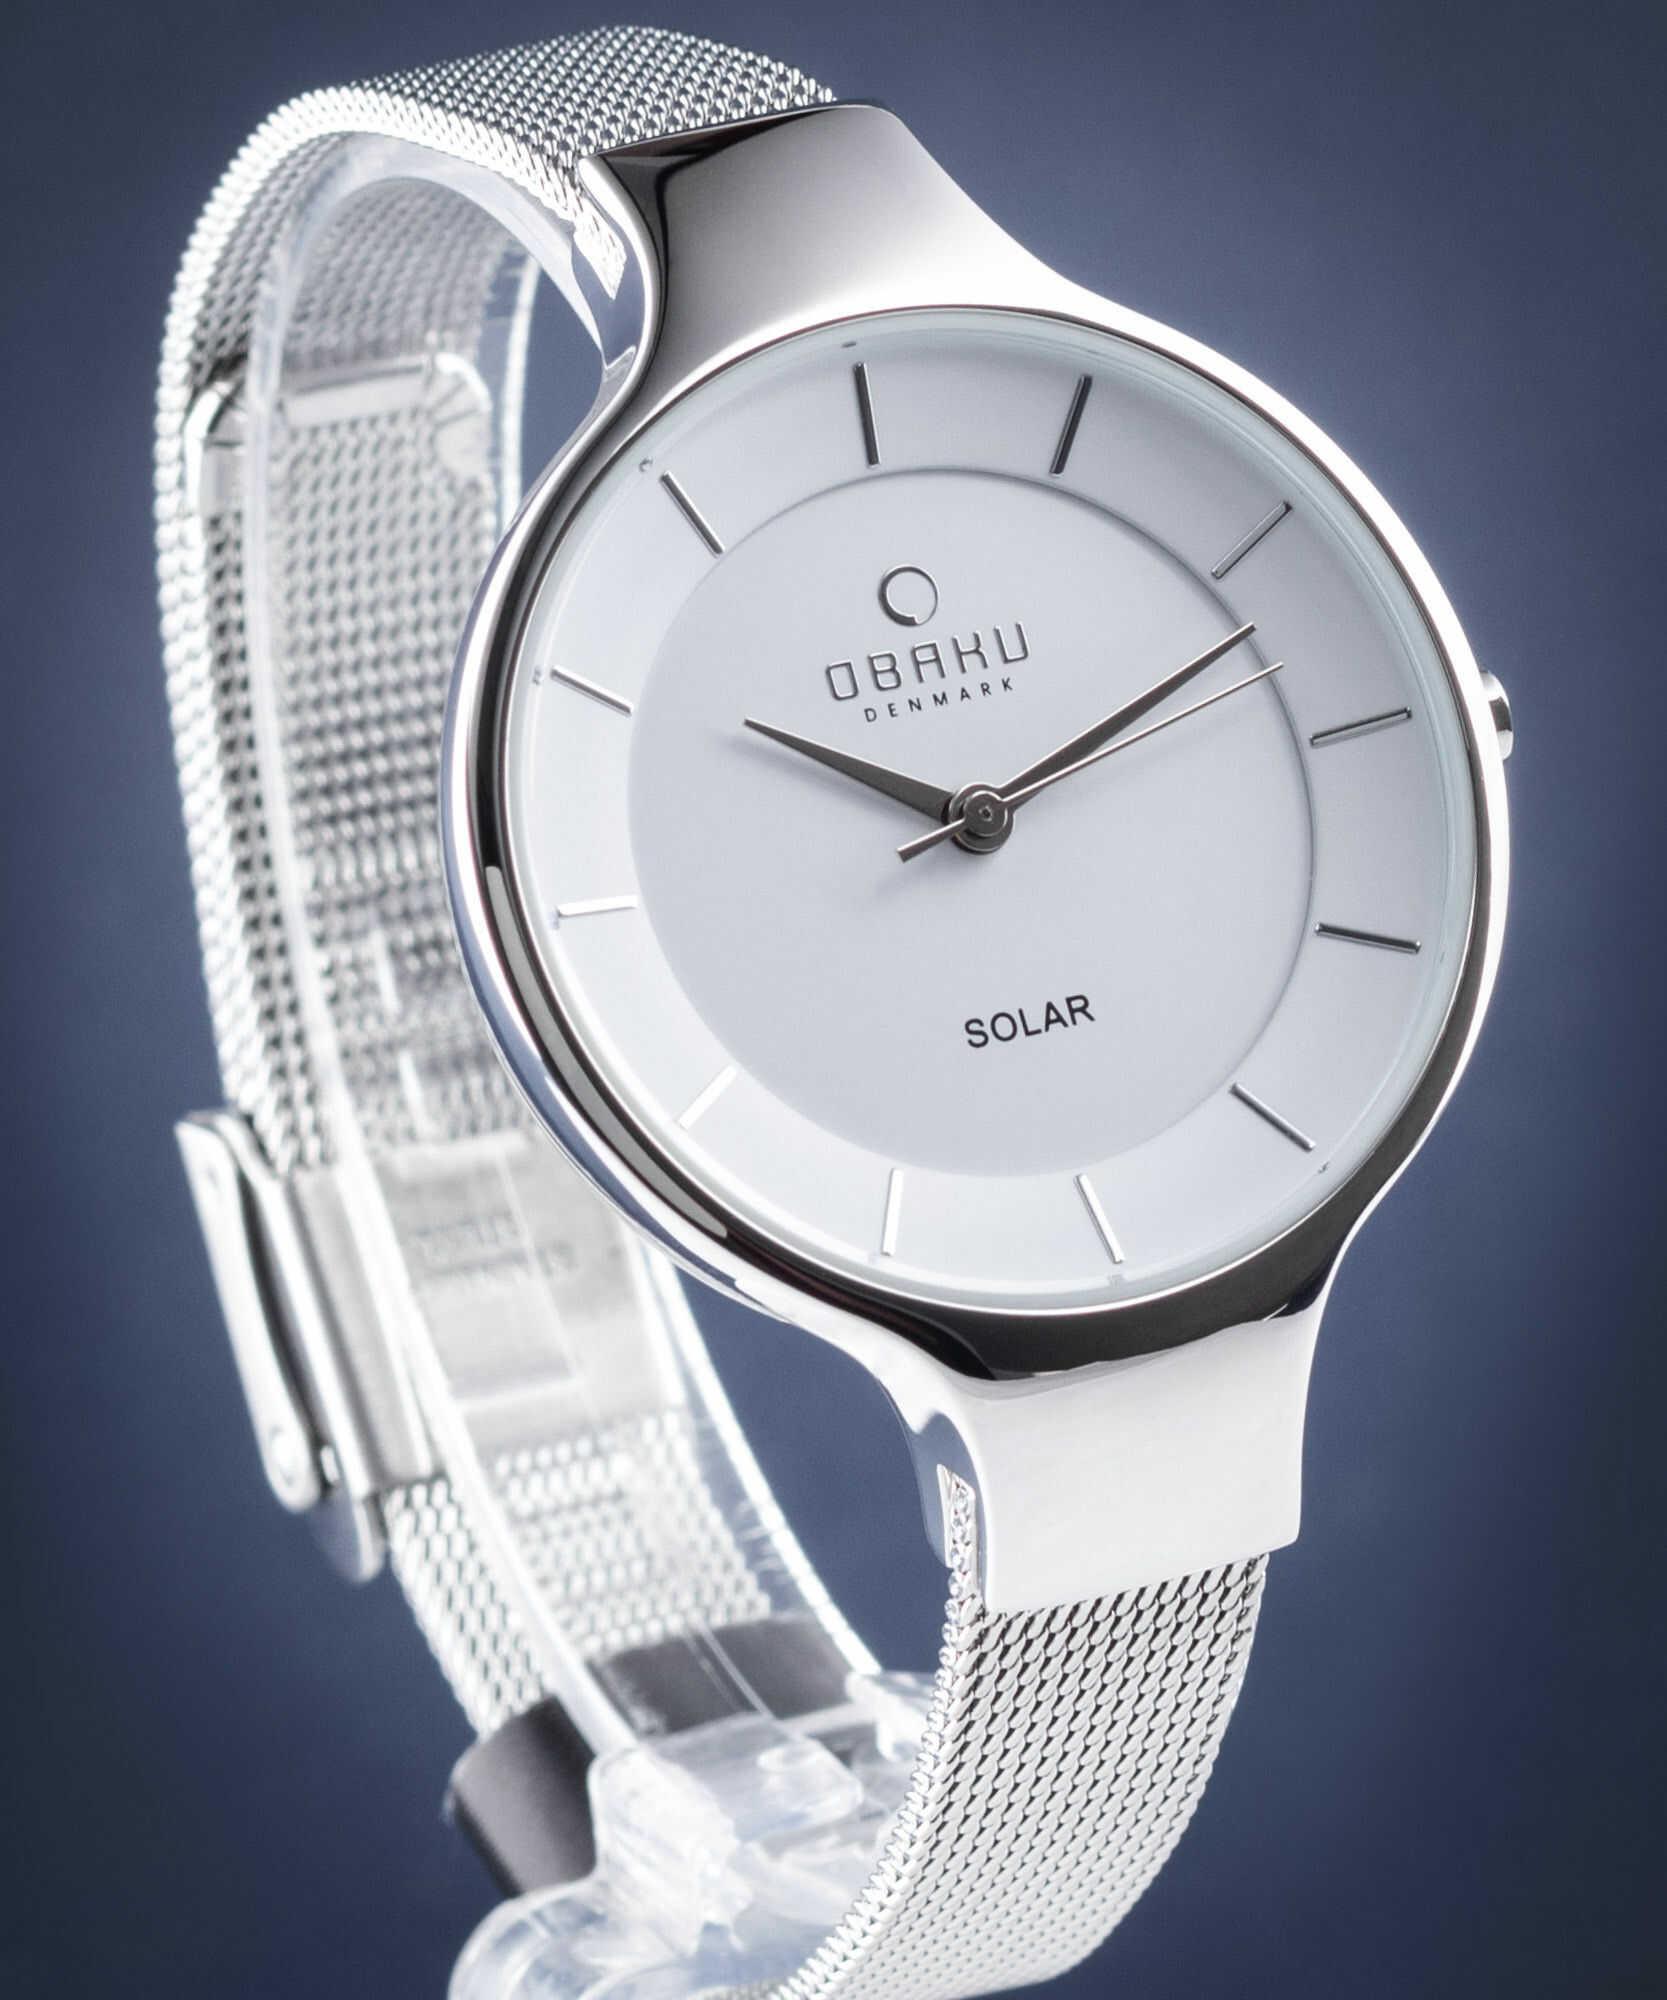 Zegarek Obaku Denmark V221LRCWMC GRY - STEEL - CENA DO NEGOCJACJI - DOSTAWA DHL GRATIS, KUPUJ BEZ RYZYKA - 100 dni na zwrot, możliwość wygrawerowania dowolnego tekstu.